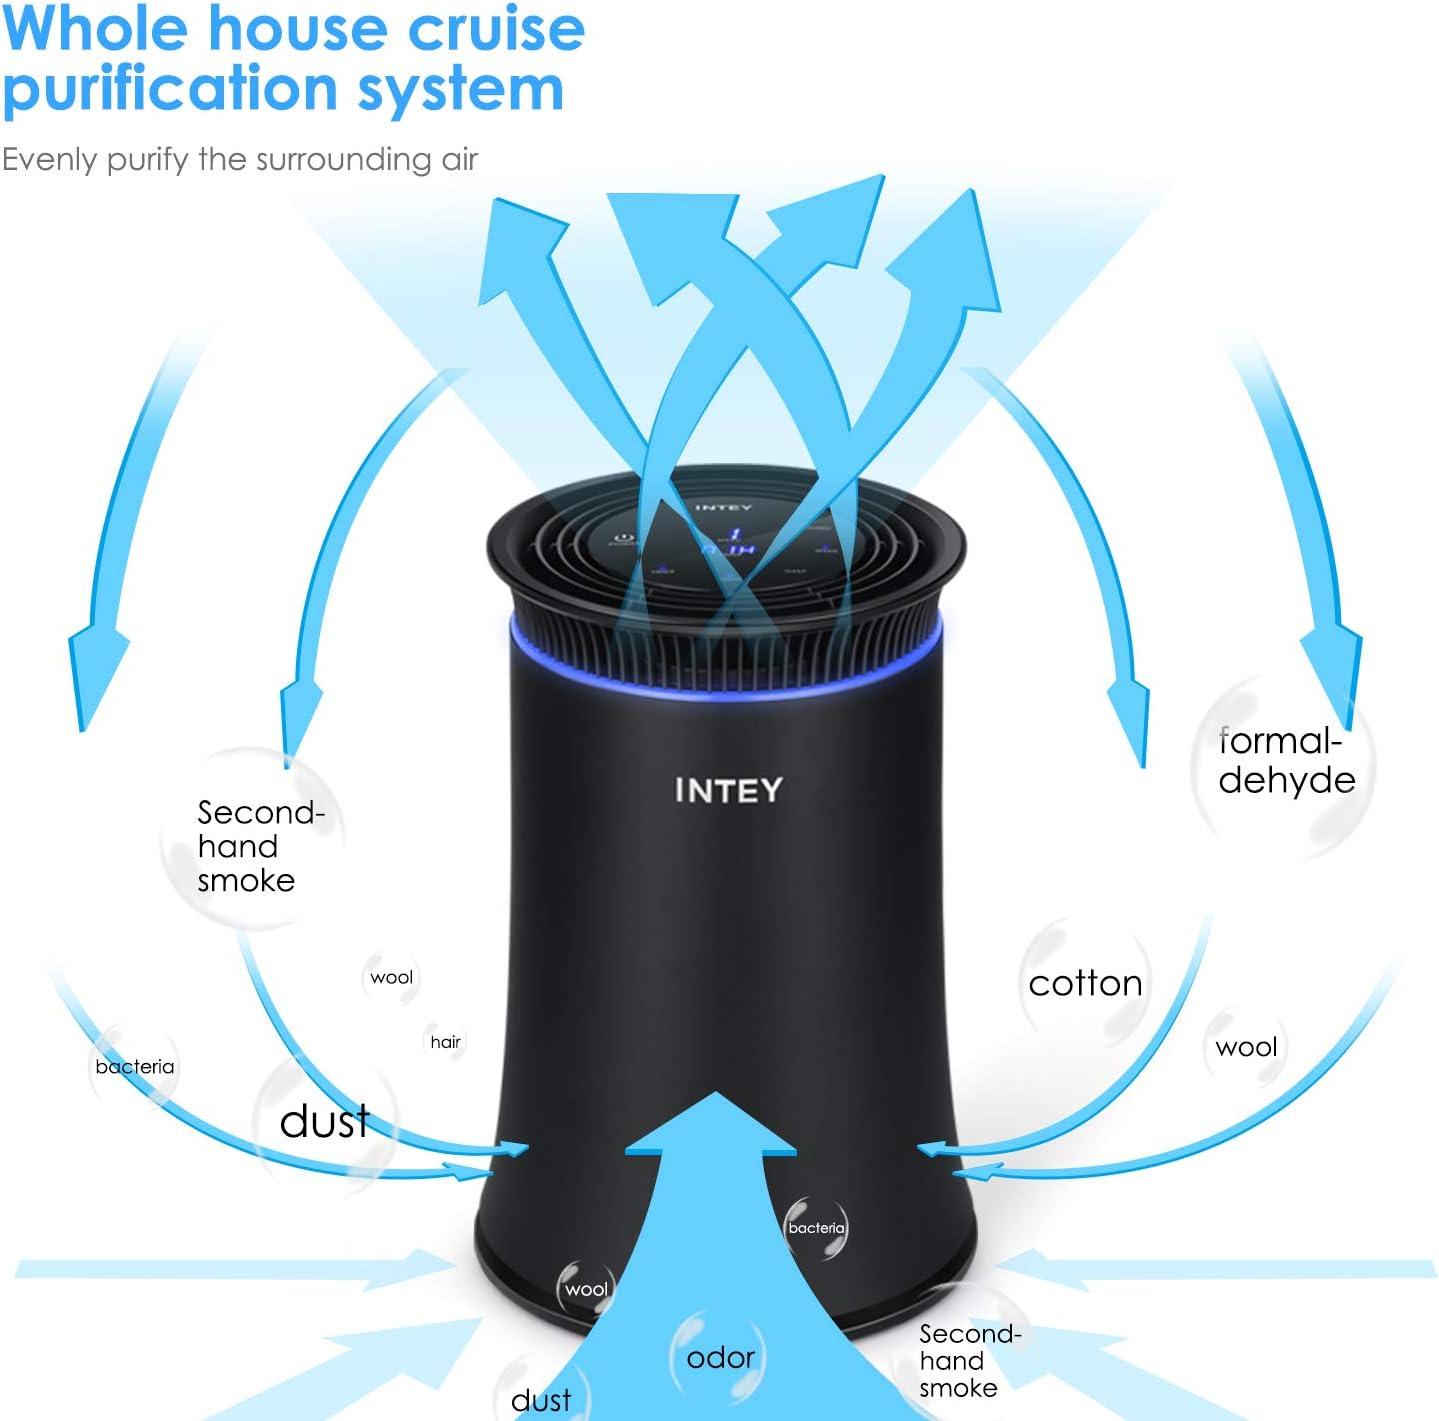 INTEY Purificador de aire para casa, oficina, auténtico HEPA, 3 etapas de filtración, 5 opciones de velocidad, filtro de carbón, temporizador, luz azul, elimina el polvo, PM2.5, formaldehído, olores: Amazon.es: Hogar